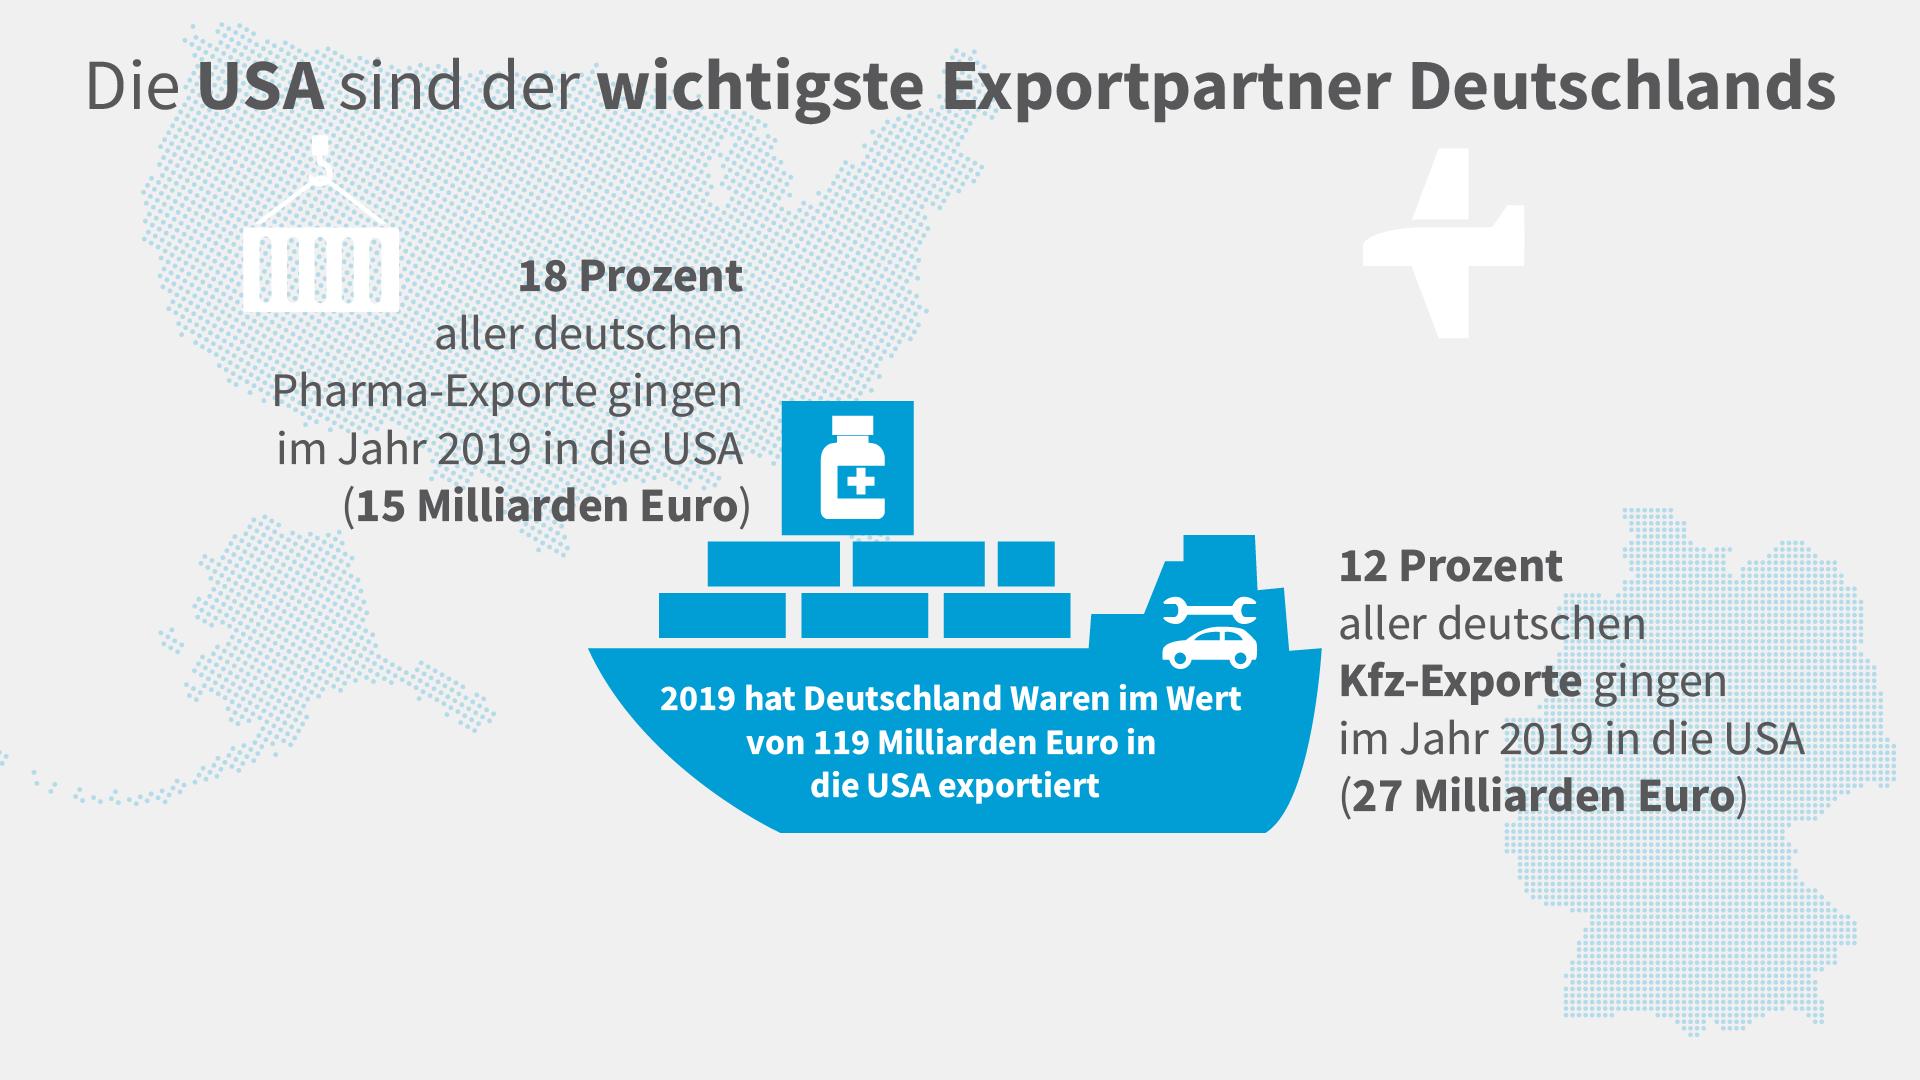 Grafik zu den US-Exporten 2019